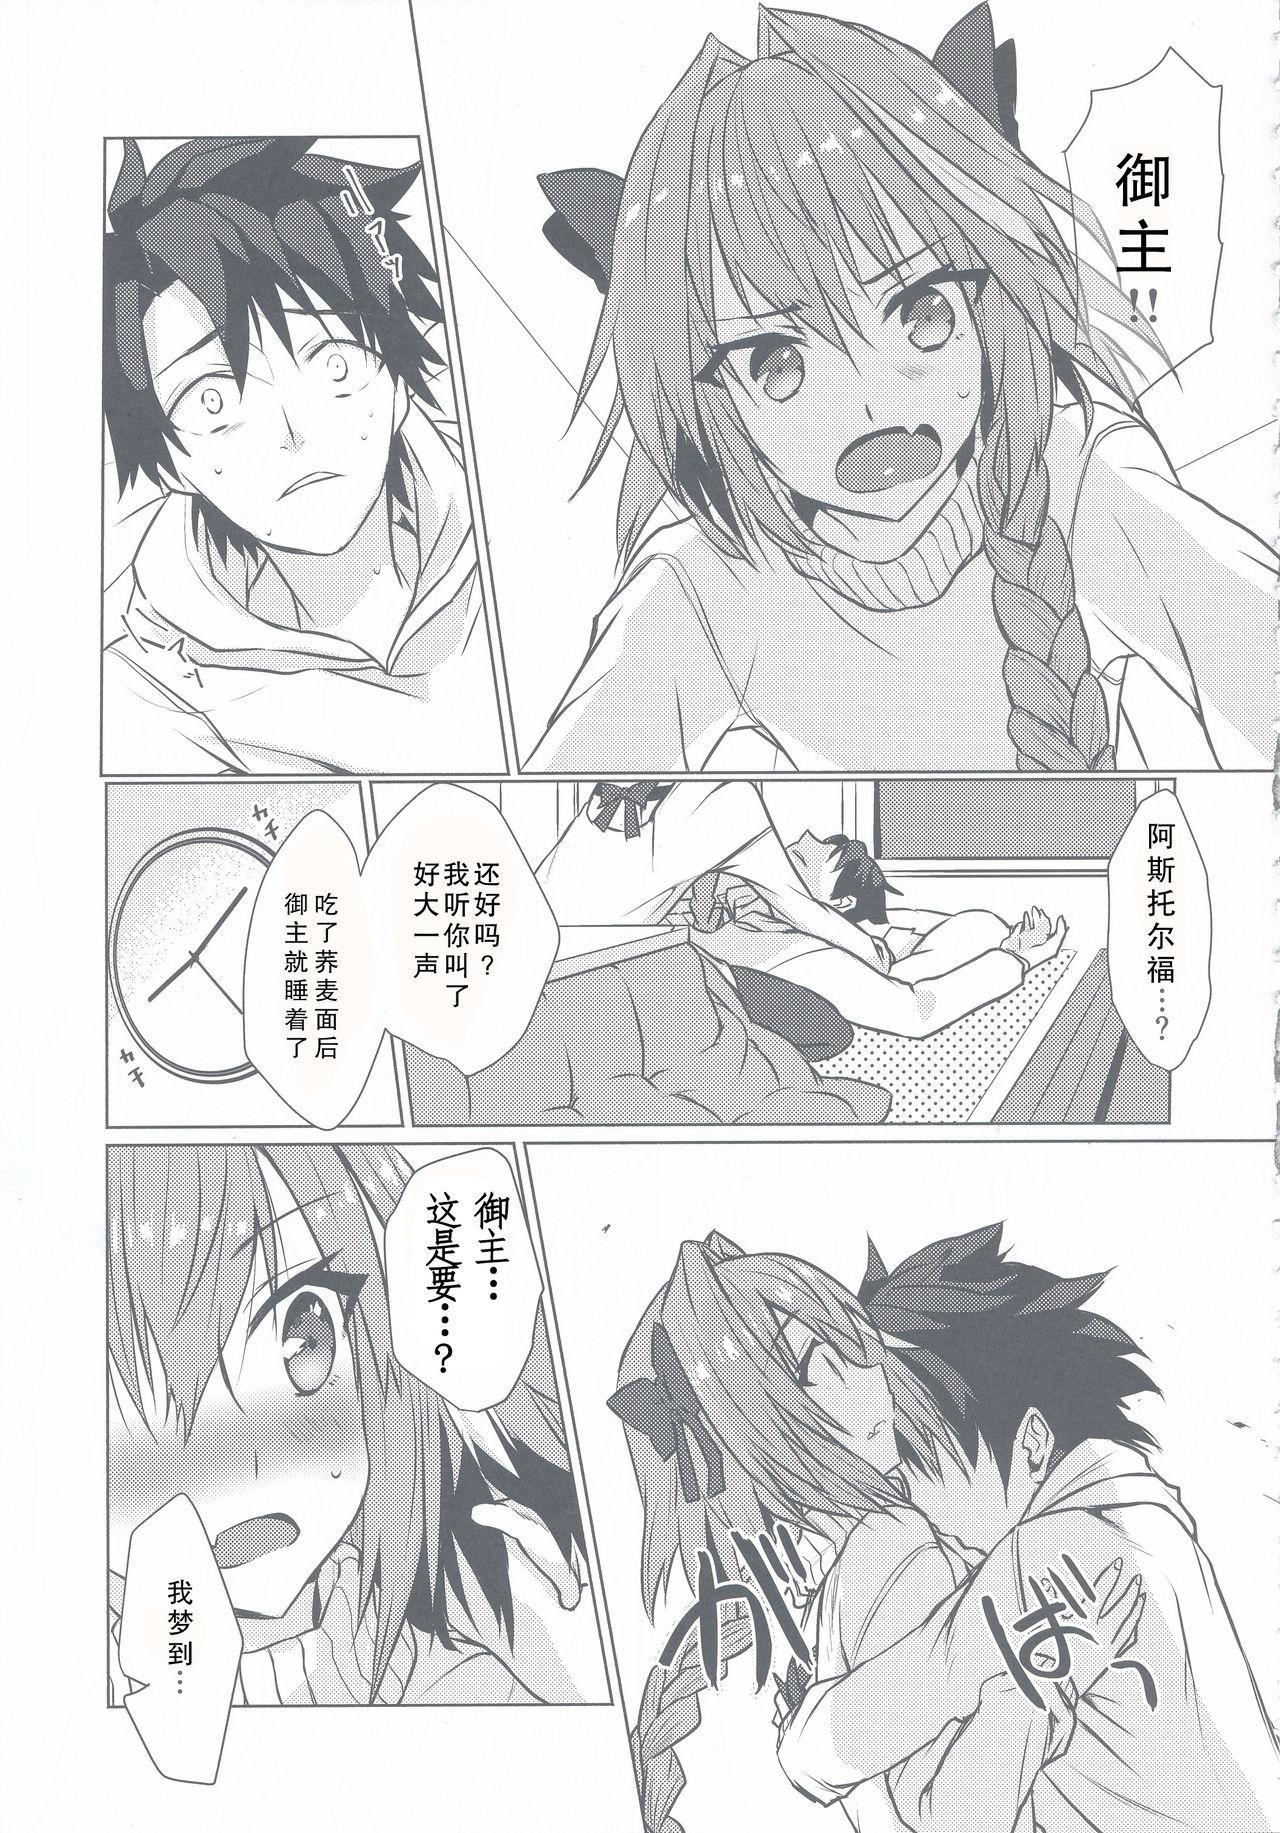 Astolfo-kun to Nenmatsu ni Ichaicha Sugosu Hon 14